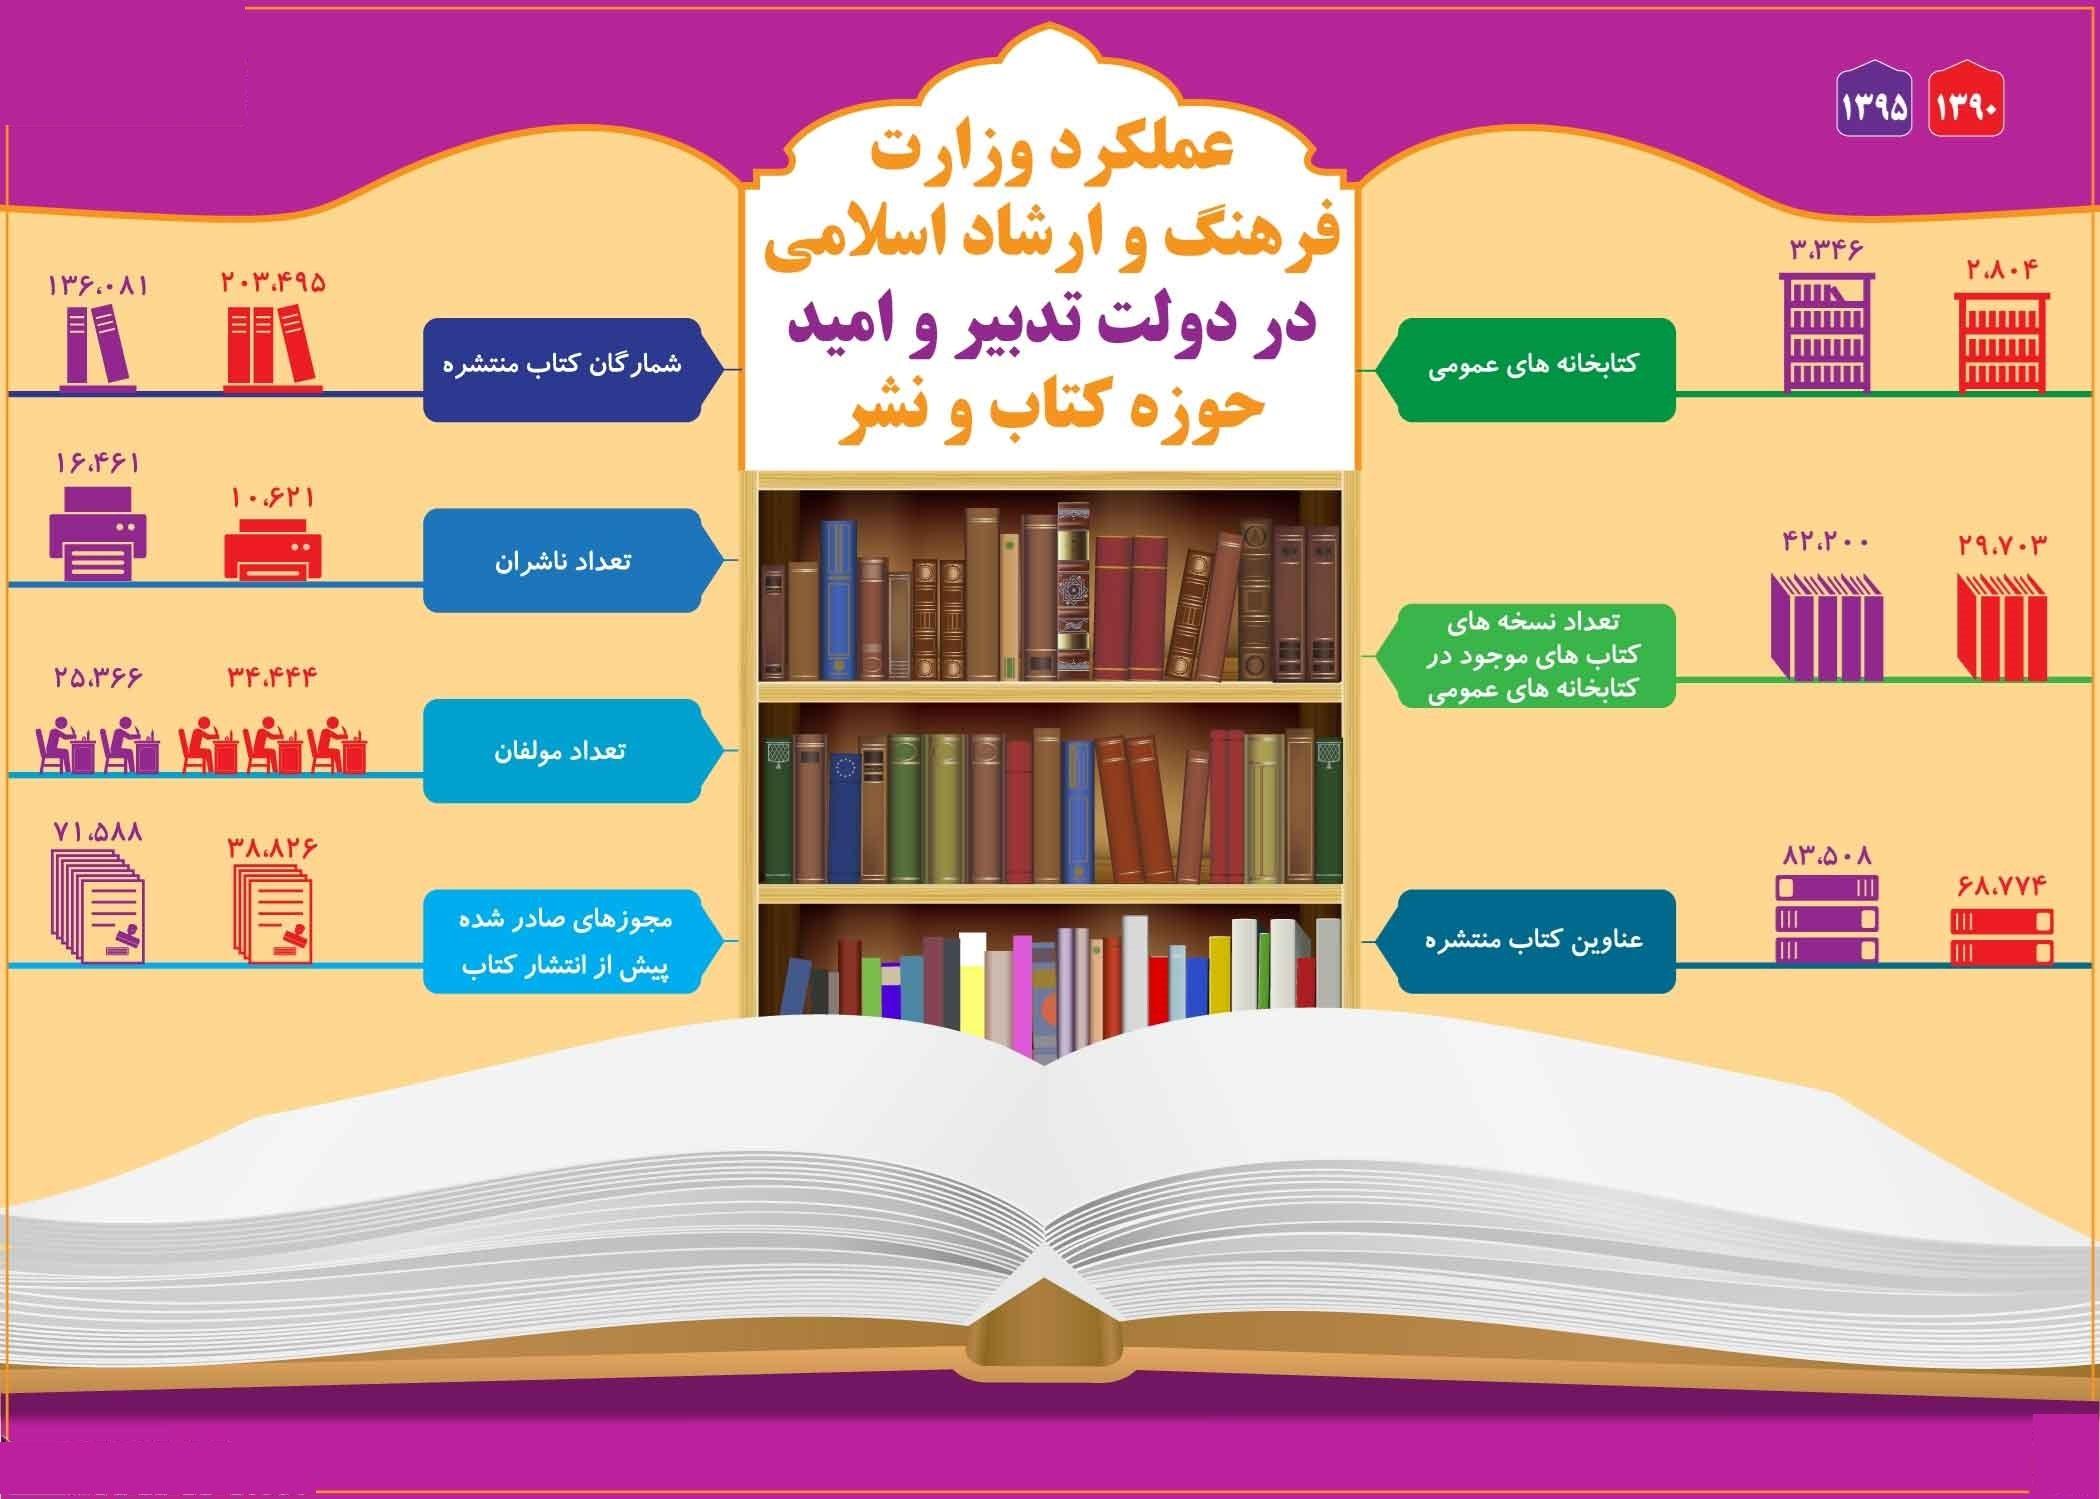 وضعیت انتشار کتاب در دولتیازدهم